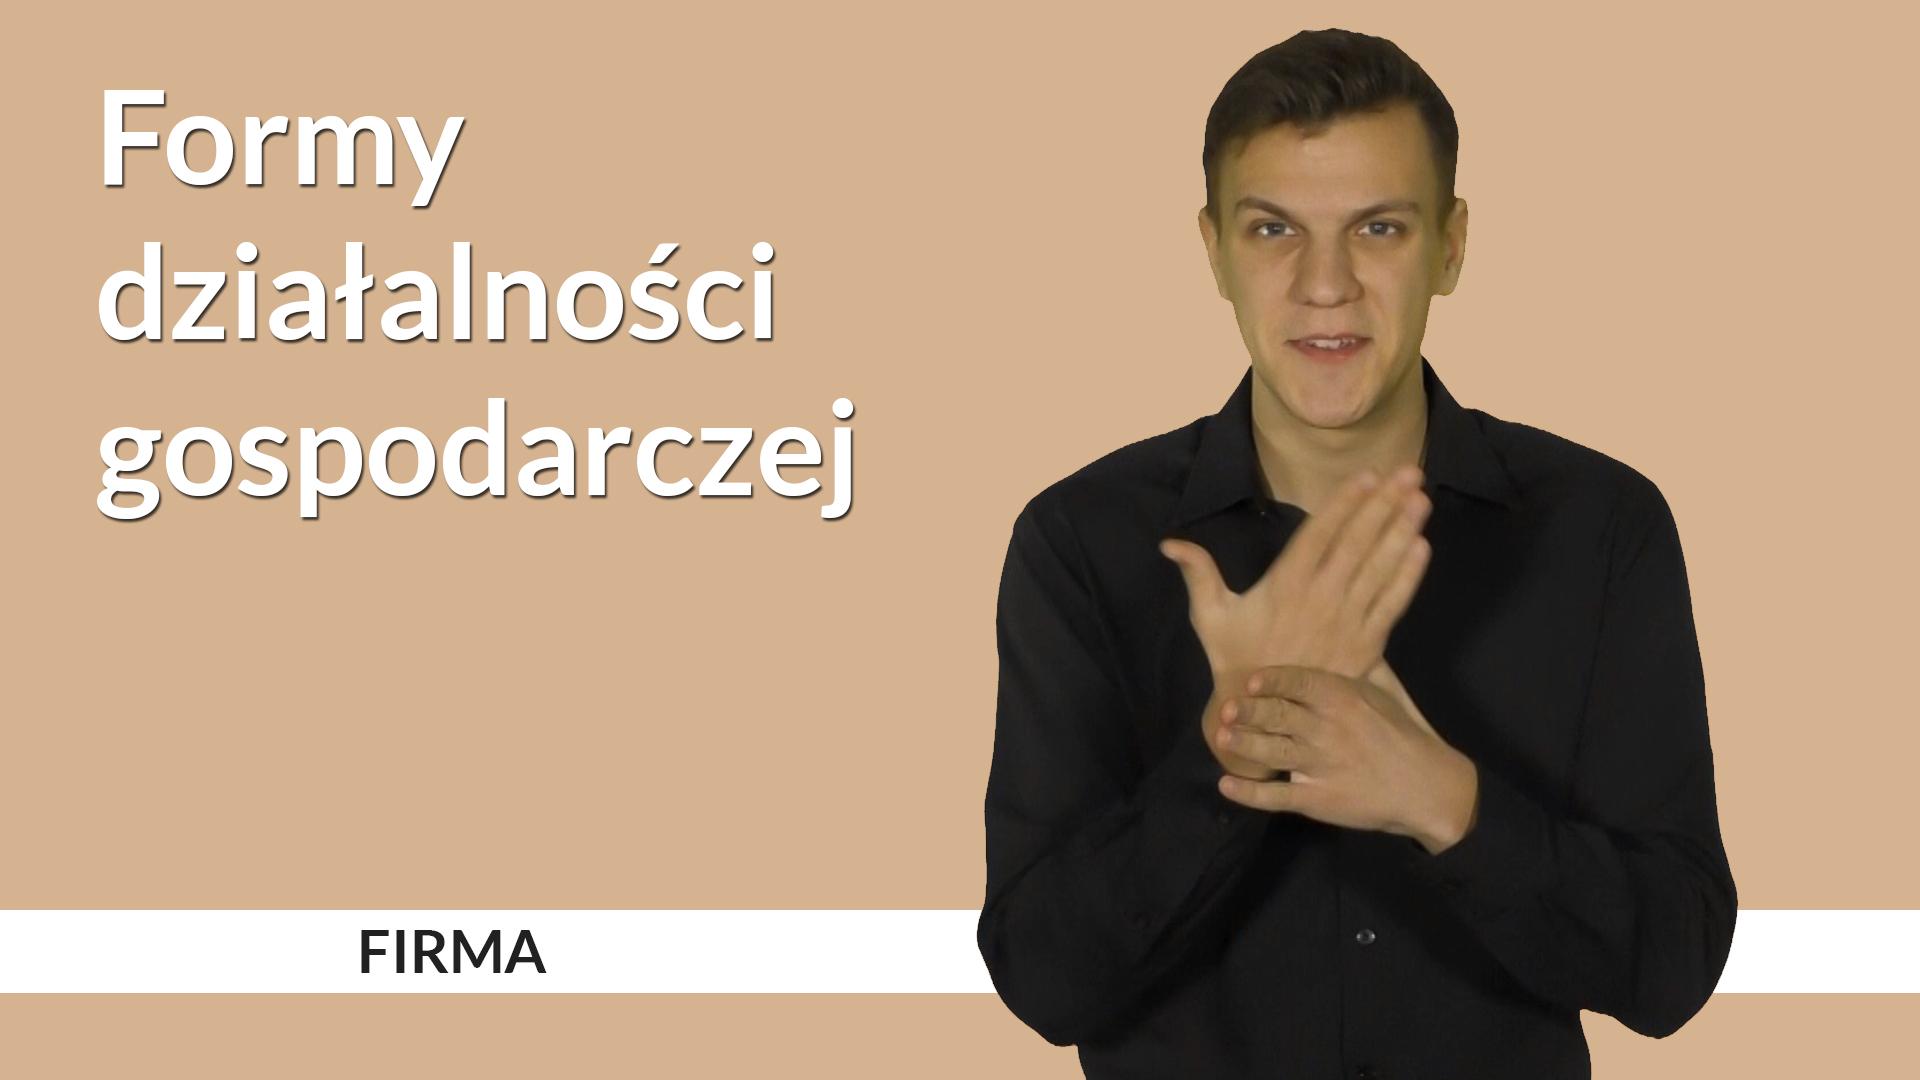 Grafika do serii filmów w języku migowym o działalności gospodarczej. Po lewej napis: